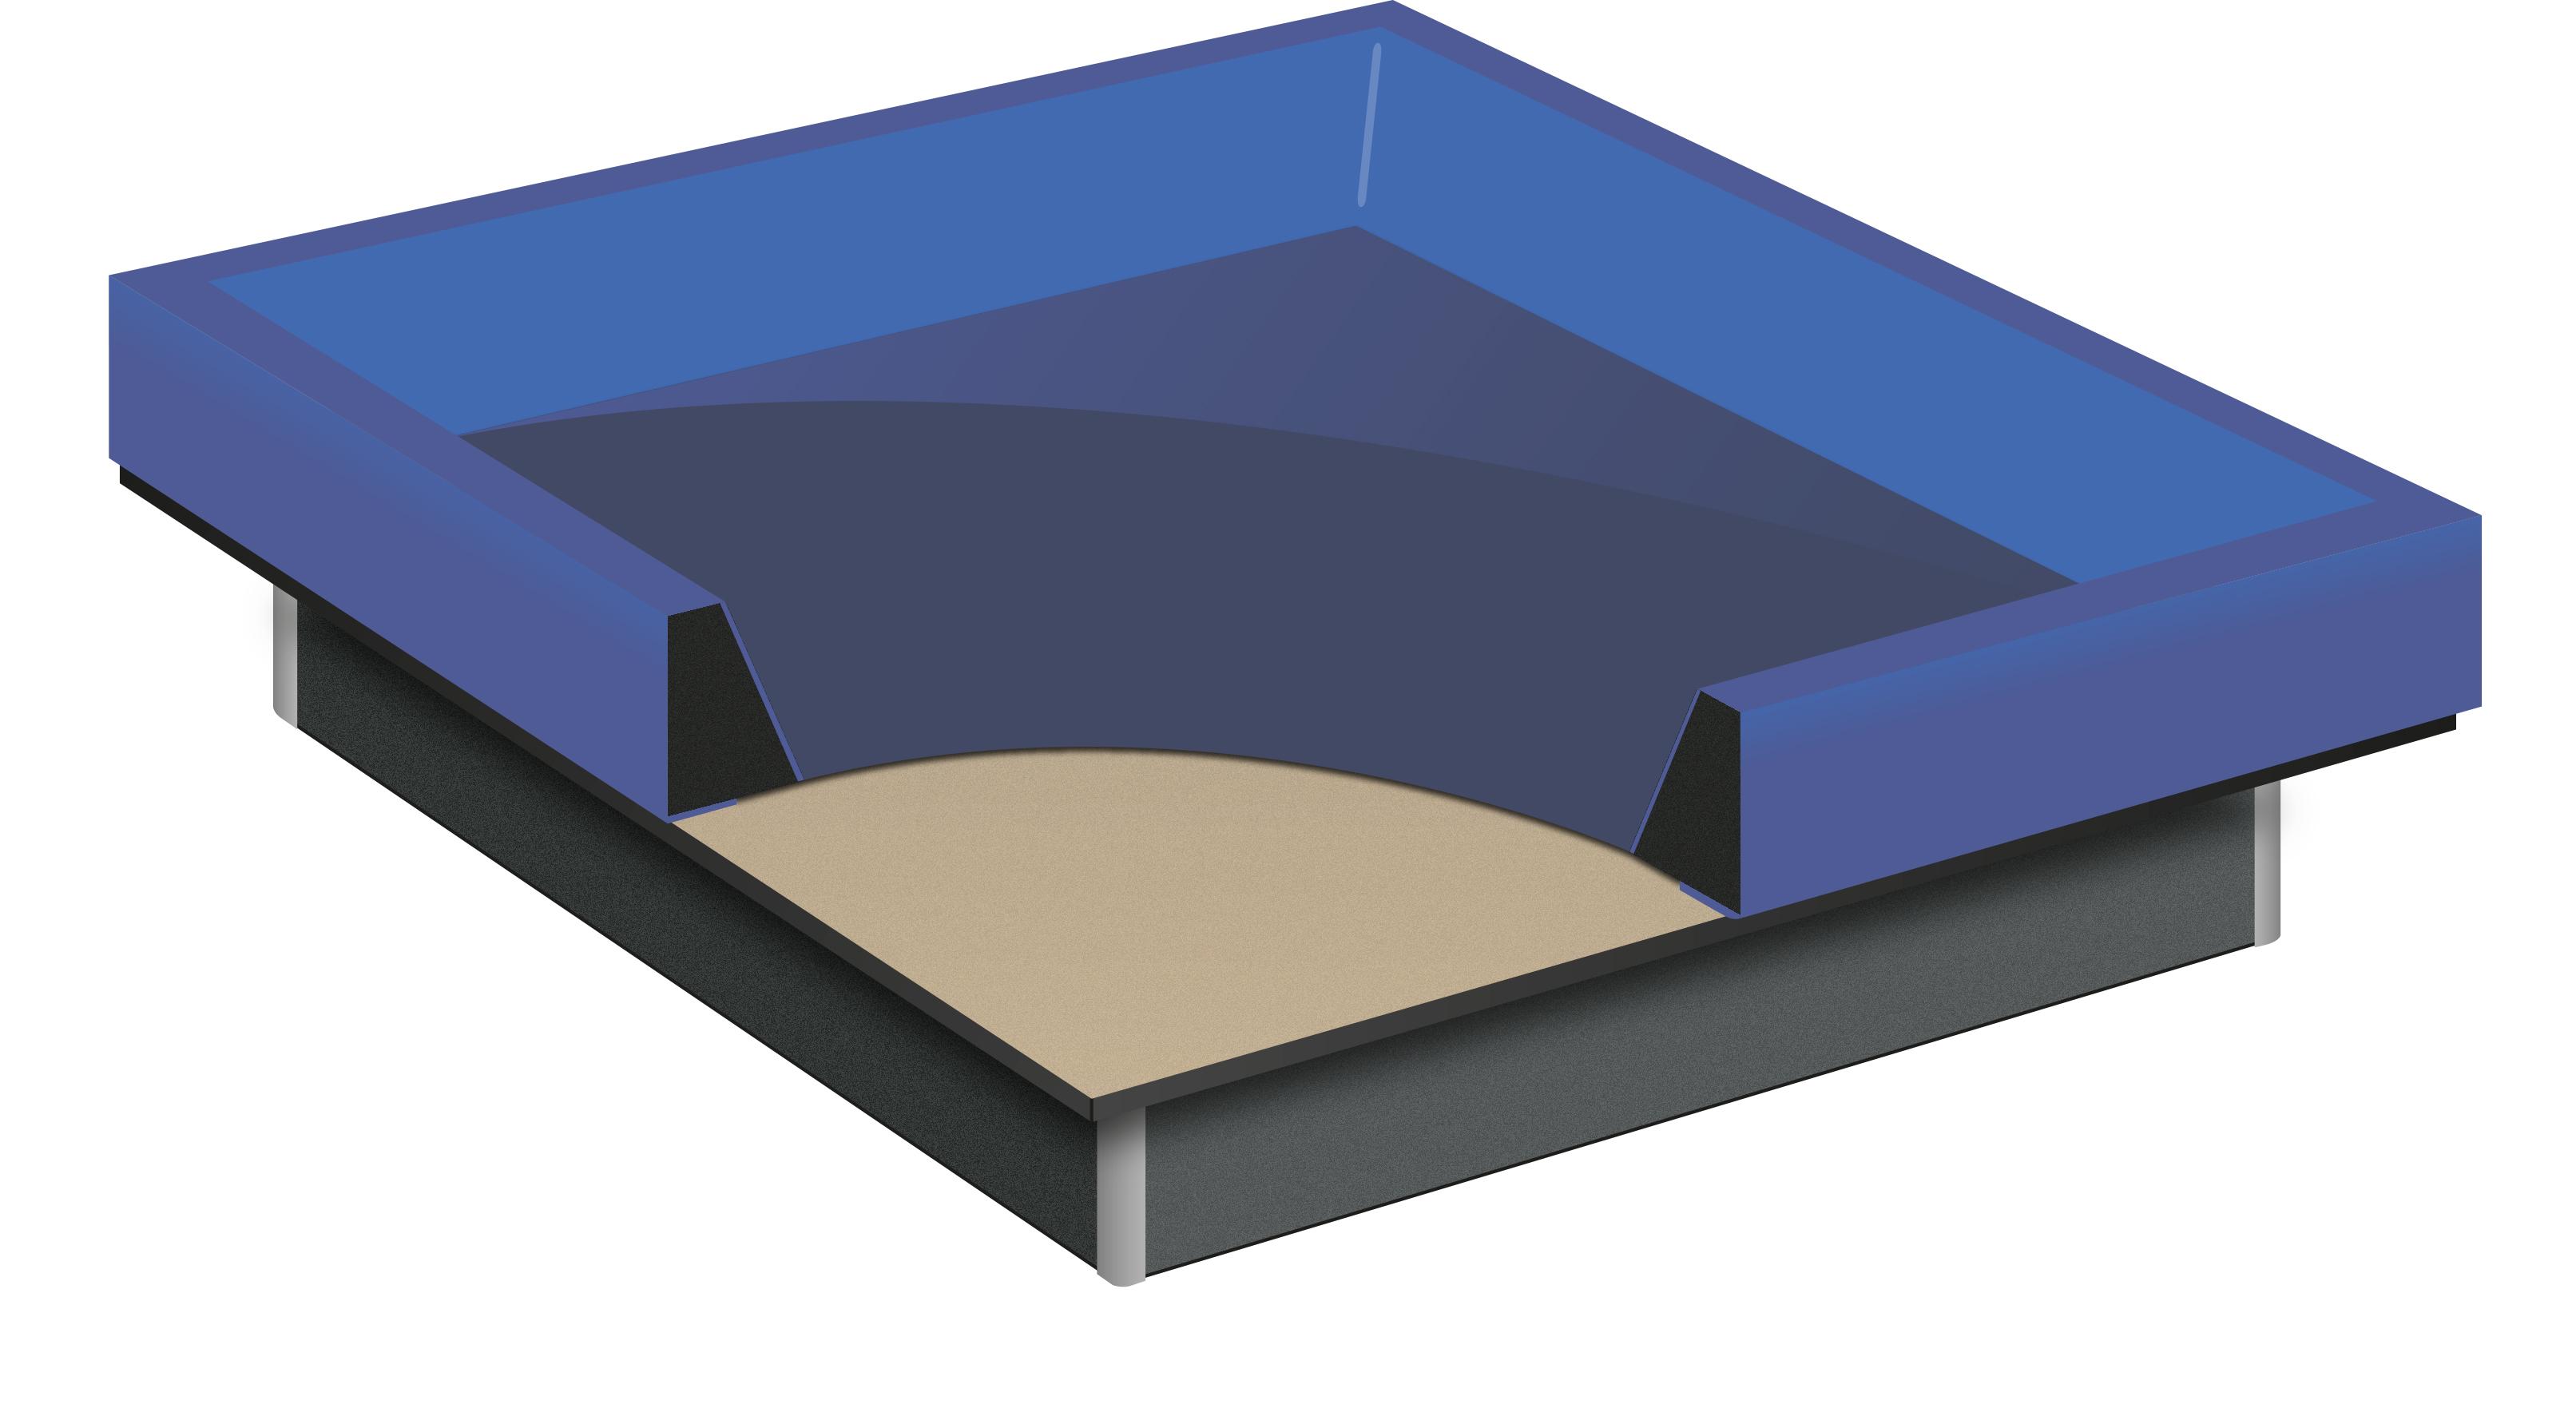 Liner de sécurité pour lit à eau softside basic by Waterbed France